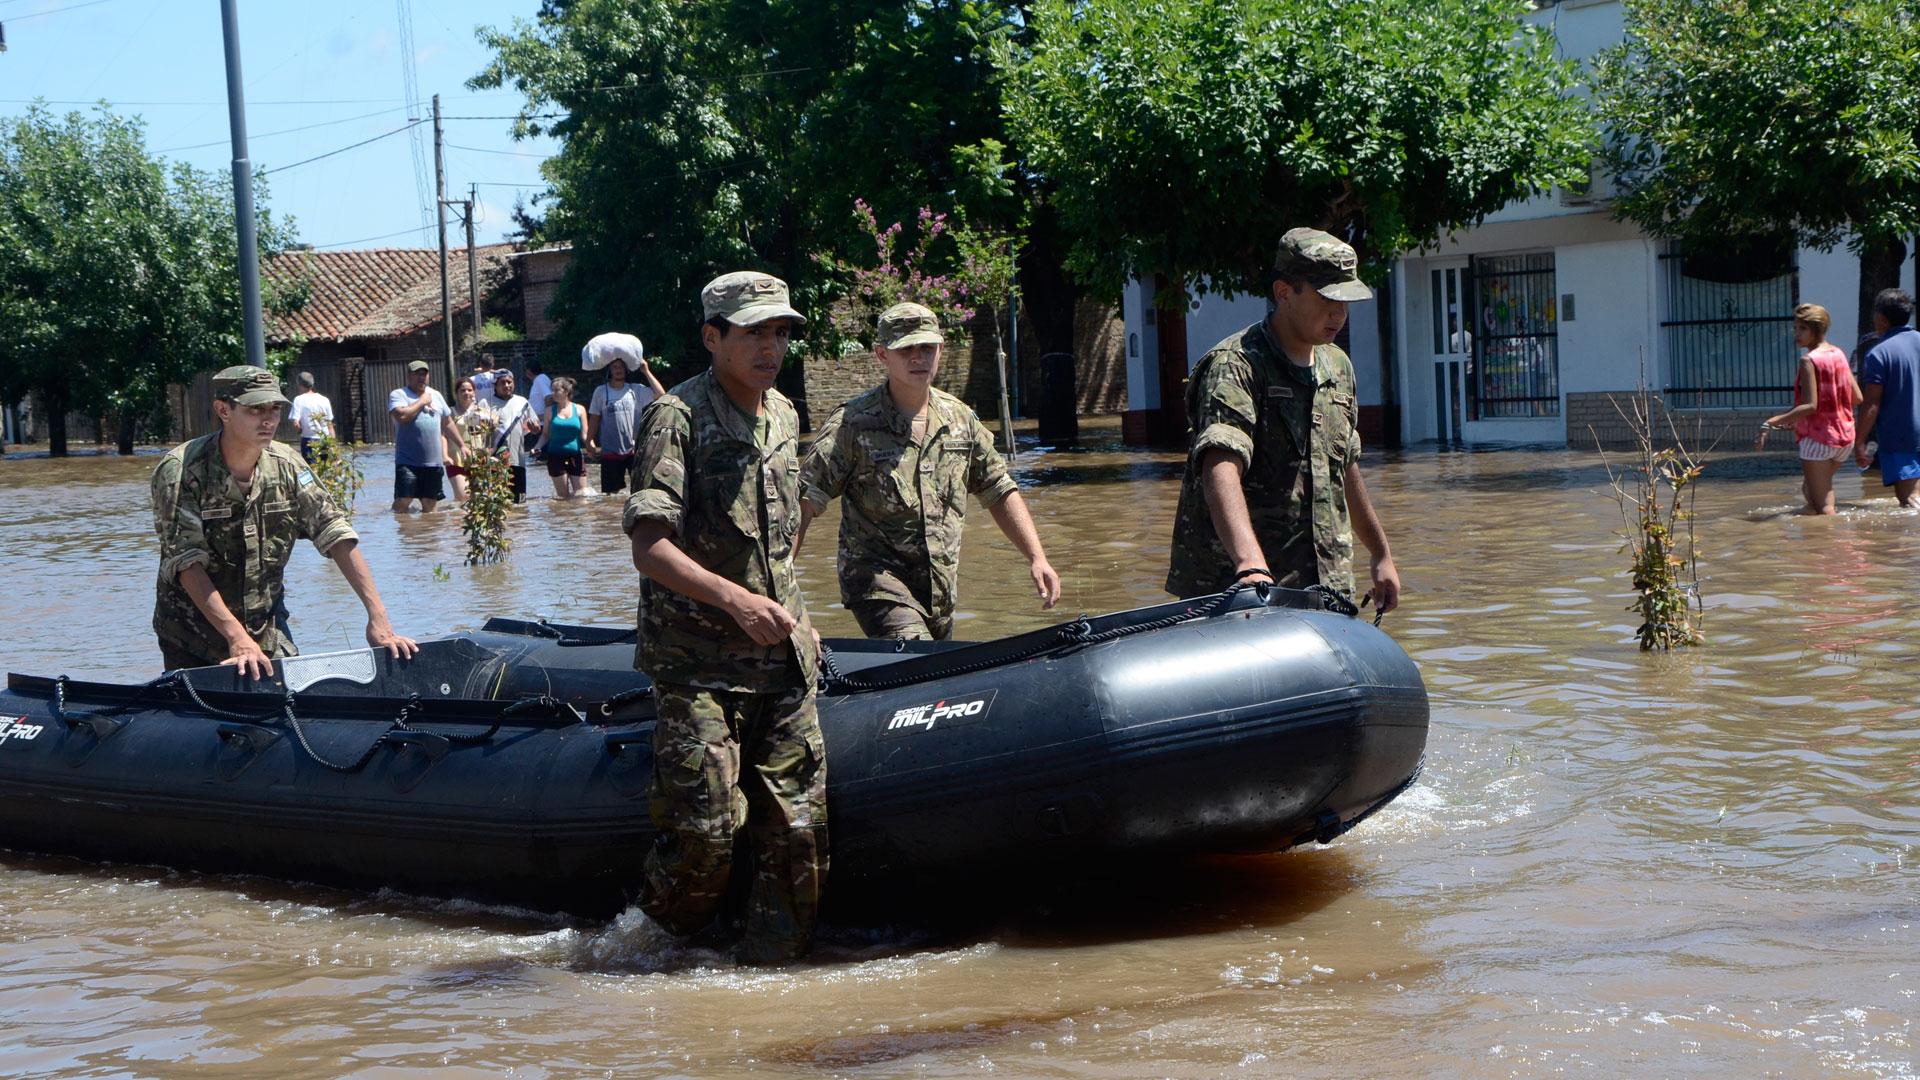 Resultado de imagen para Inundaciones. Ejercito Argentino ayuda a damnificados